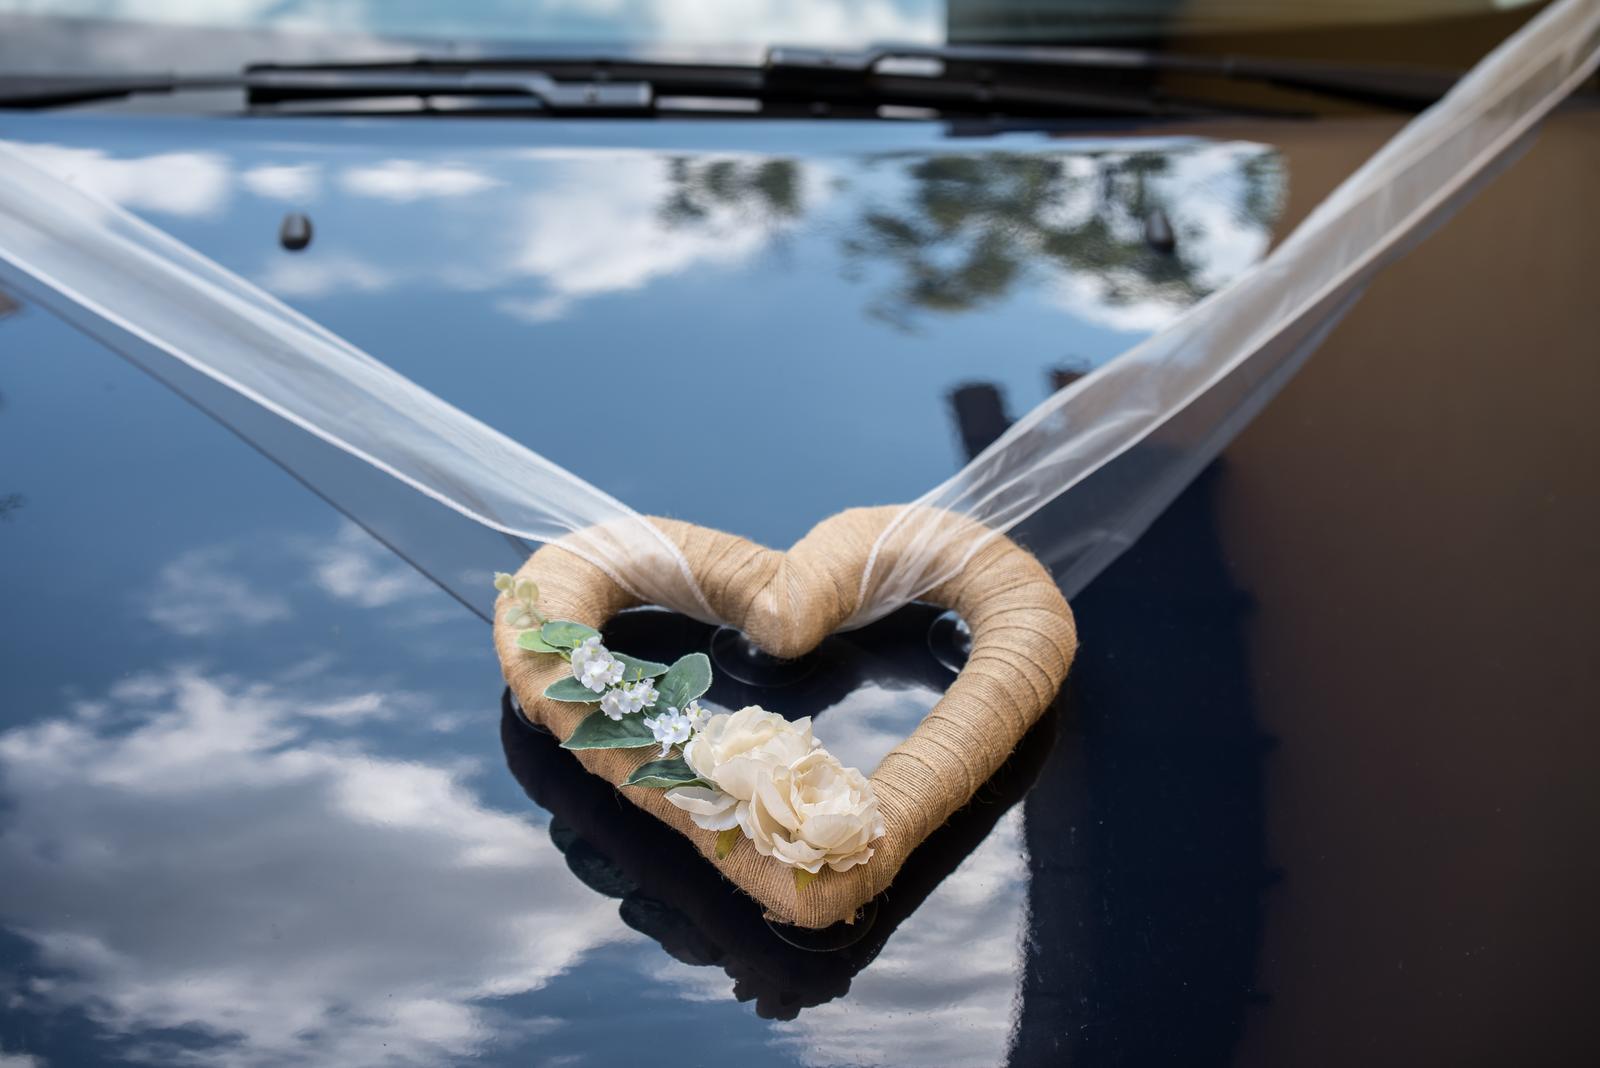 Srdce na auto - Obrázek č. 1